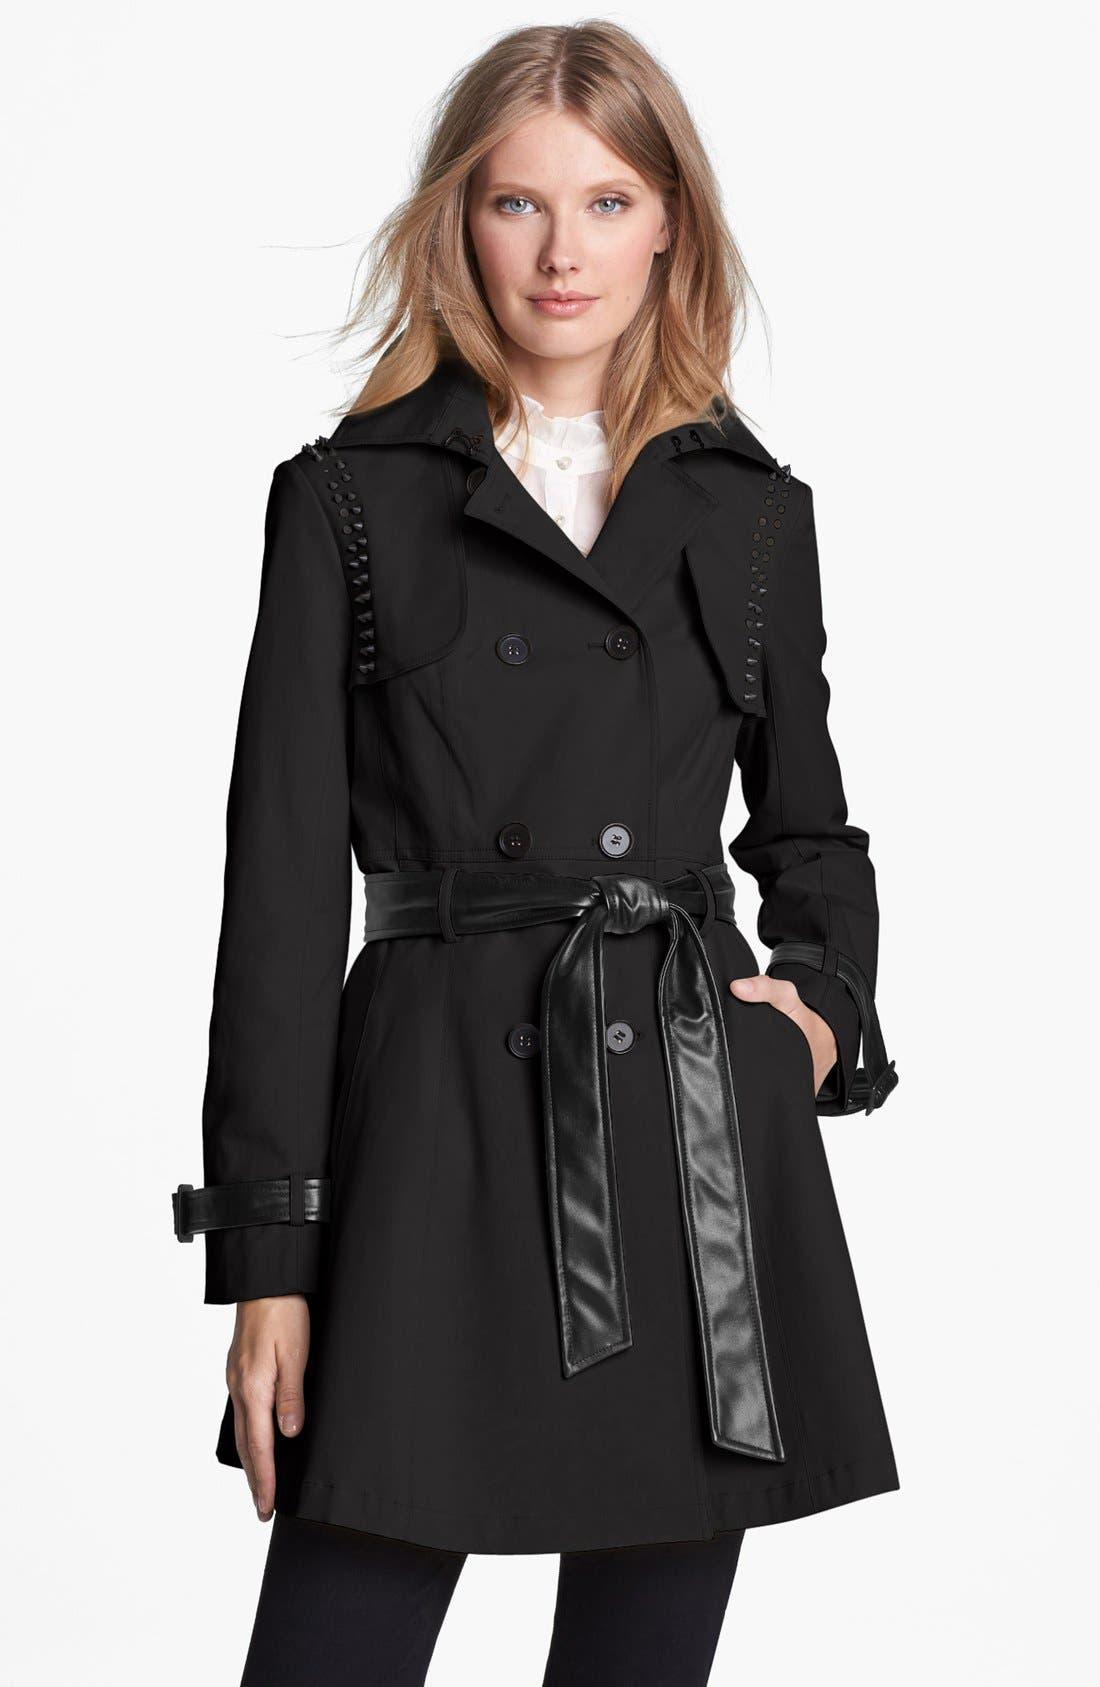 BLANC NOIR Stud & Faux Leather Trim Trench Coat, Main, color, 001